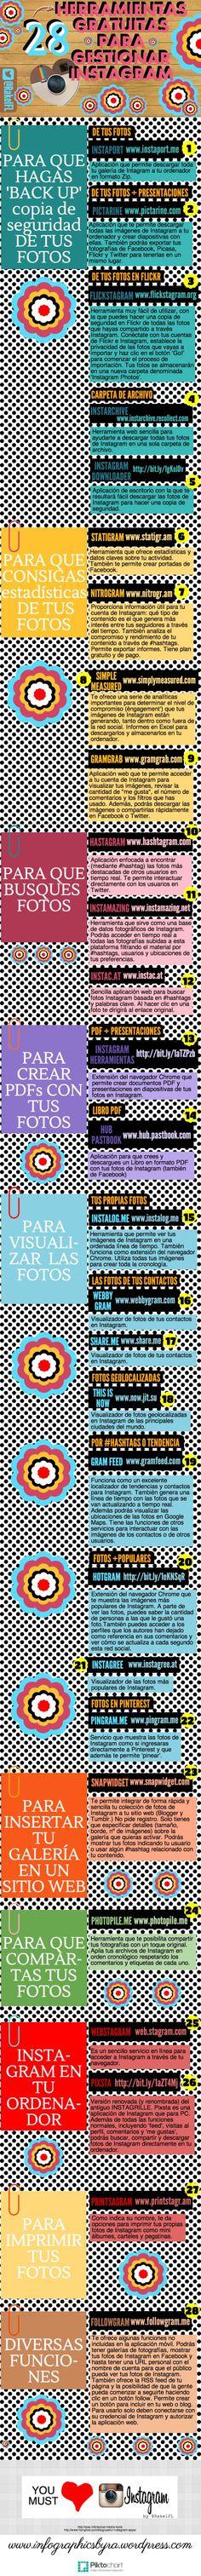 Consultor Social Media, Valladolid, Marca Personal, Diseño Web, Wordpress.